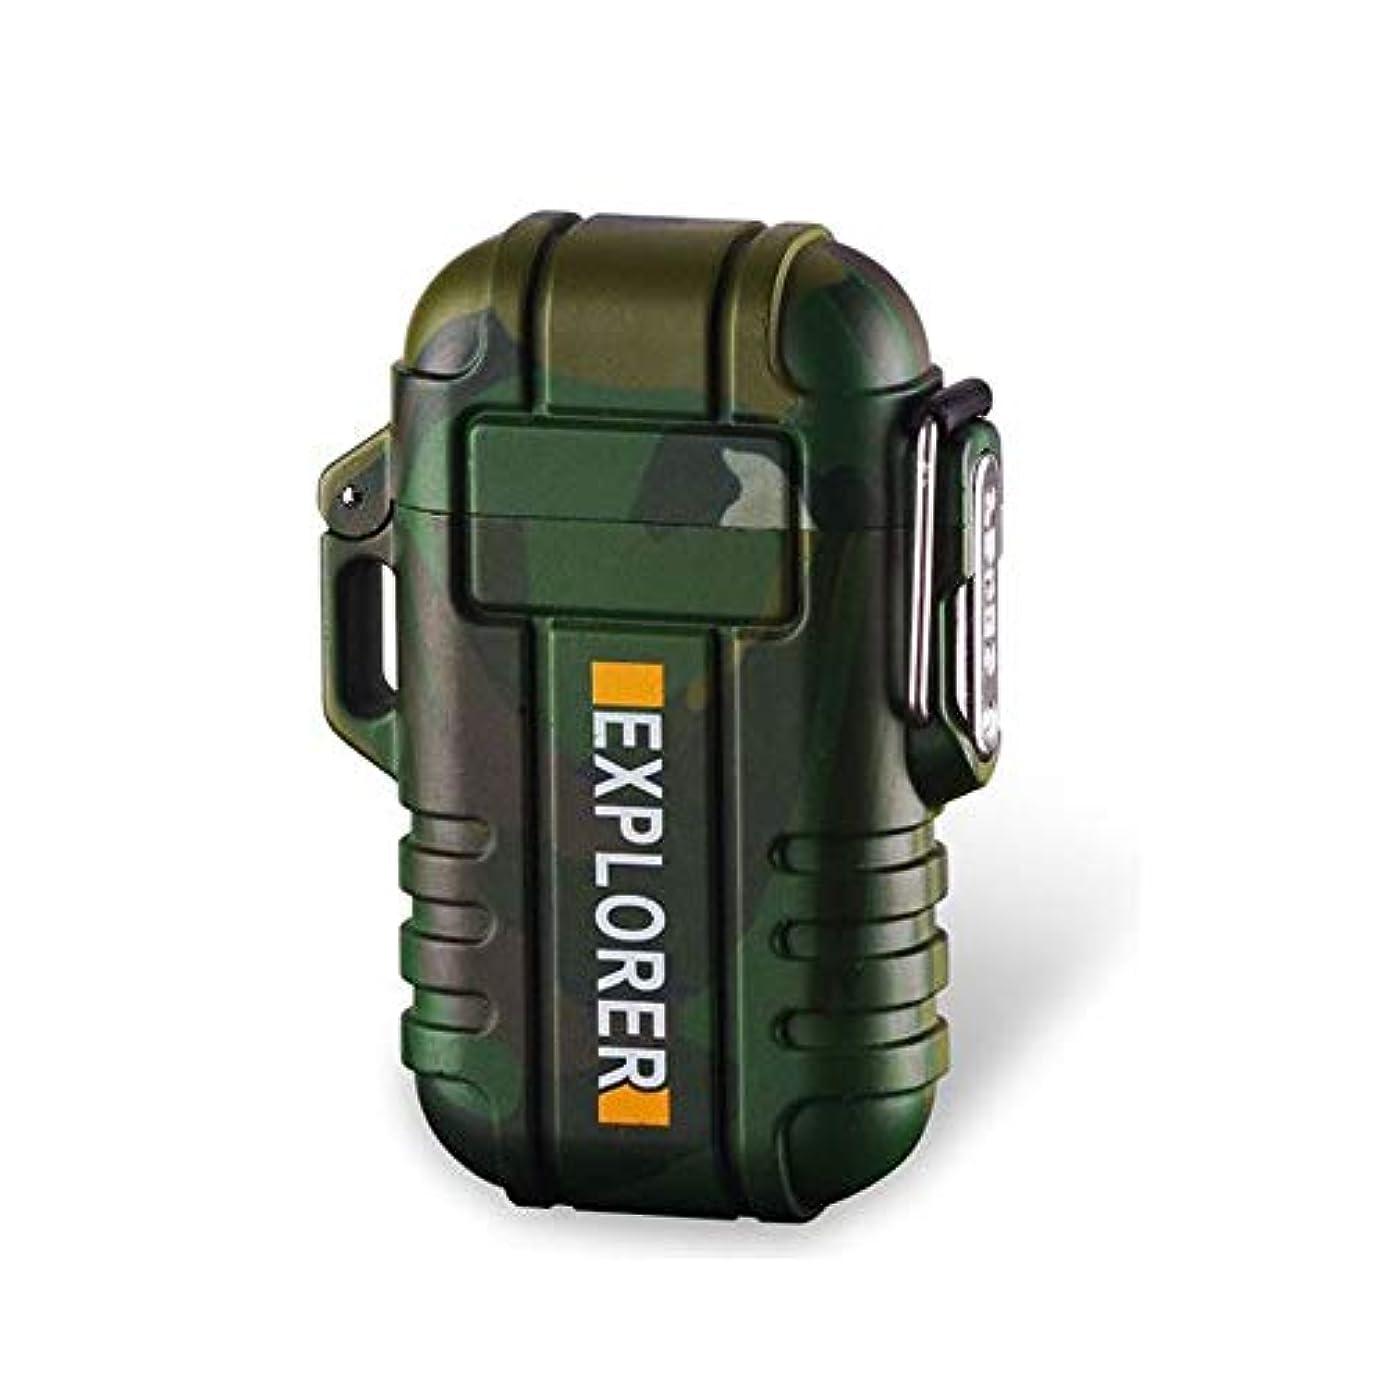 数字偏差息子防水電子ライター アウトドア USB 充電式?ガス オイル 不要/軽量?薄型 持ちやすい/無炎/防風 電気アークプラズマライター/旅行/誕生日などのプレゼントも最適